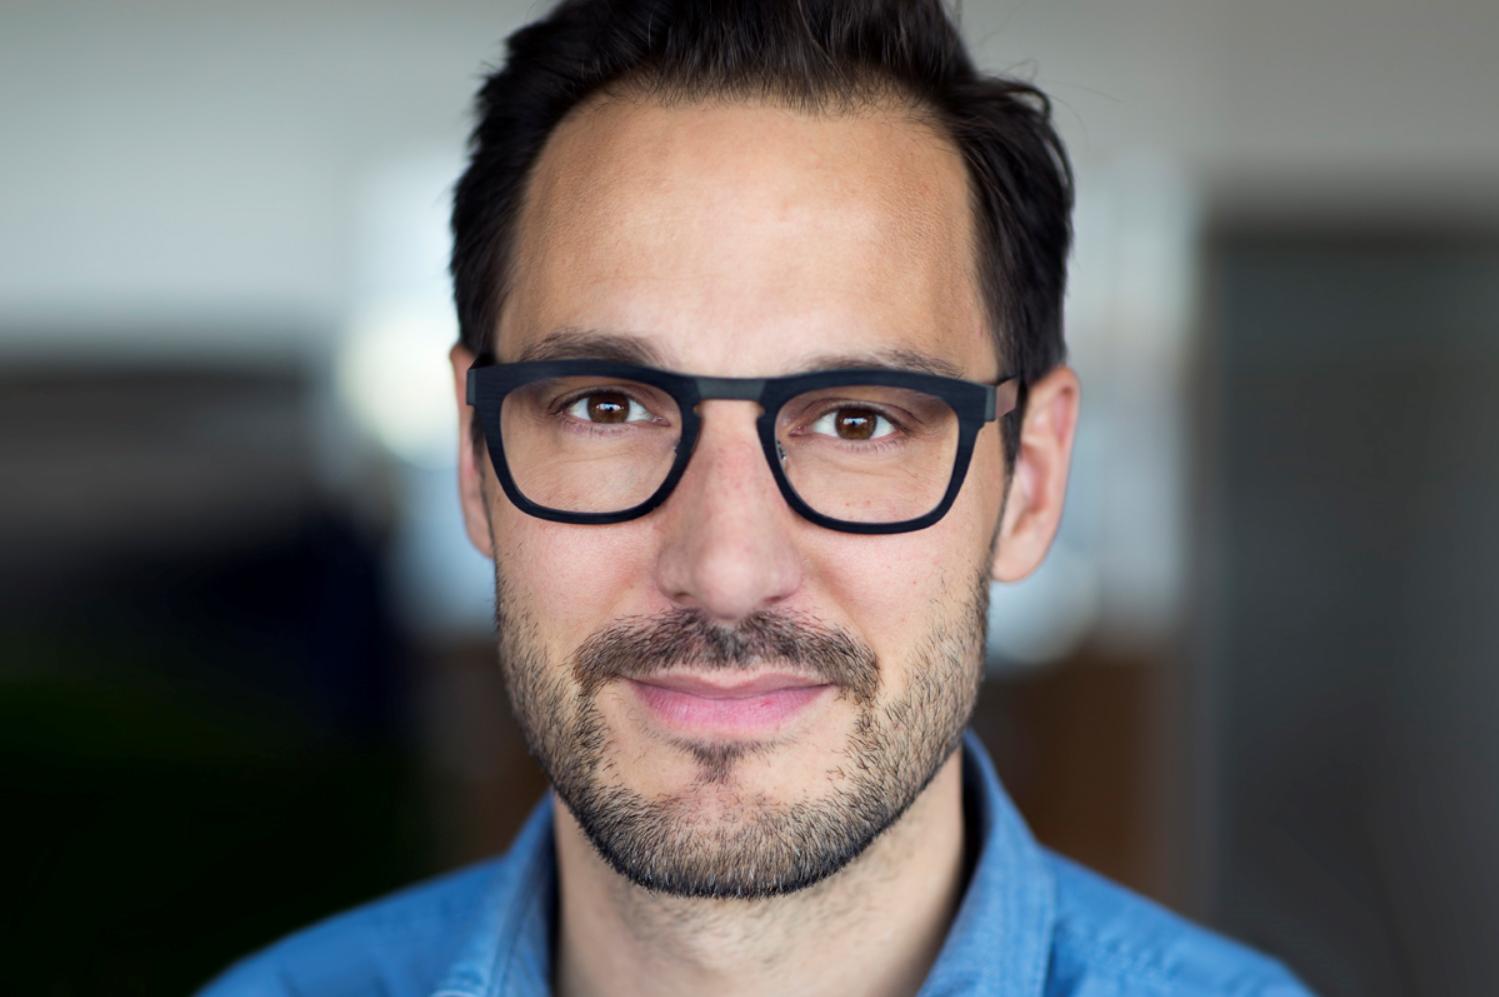 Intervju med Dustin - Sveriges största e-handlare